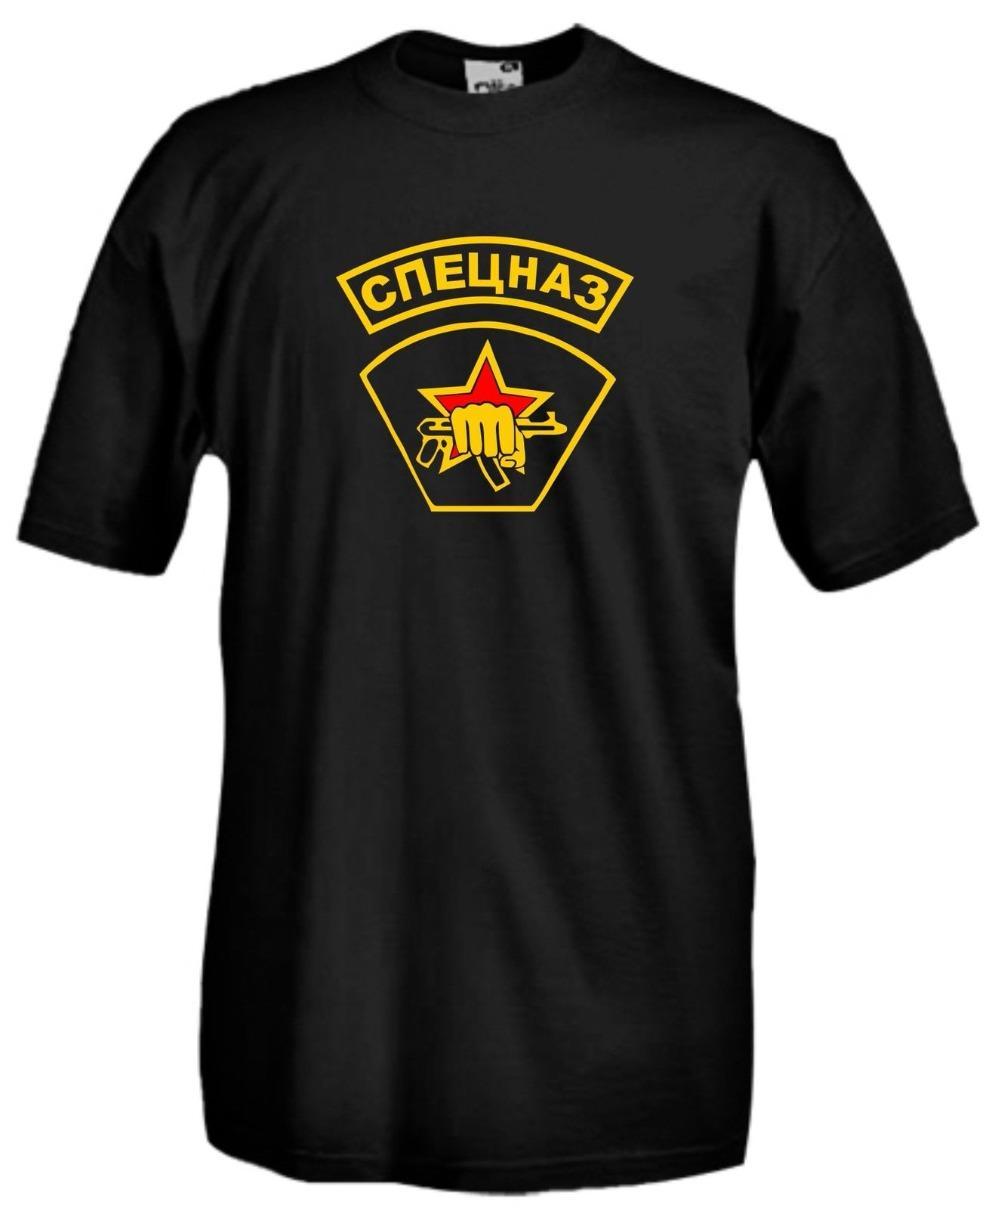 2019 New высокого качества Tee Shirt Футболка Спецназ Логотип Рубашка Спецназ Военно Сетка Совет СССР Лето Хлопок футболка